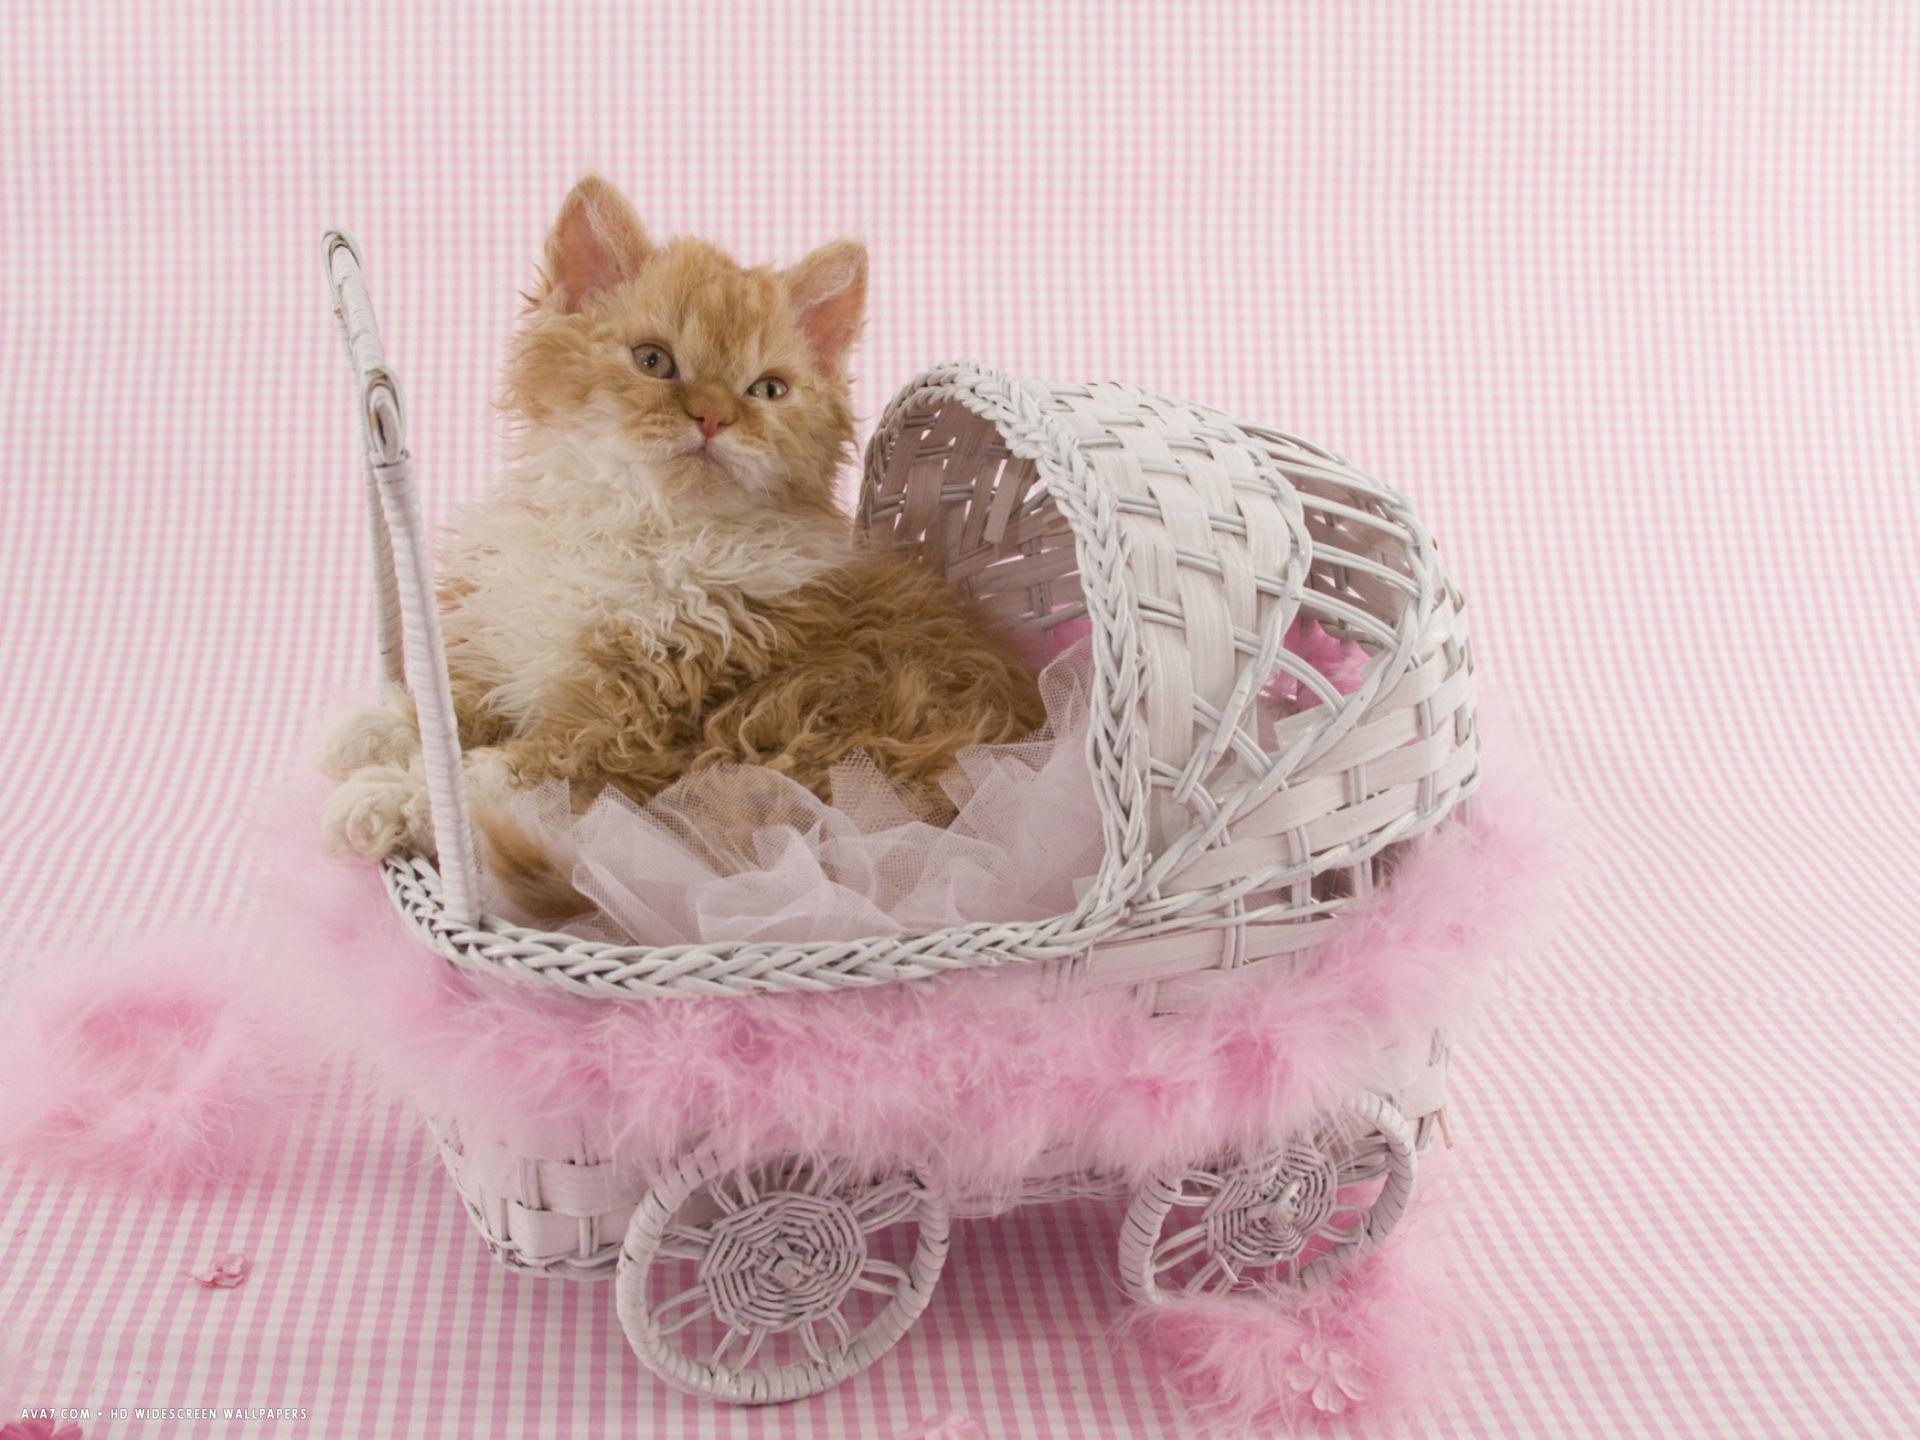 Serrade Petit Kitten: Serrade Selkirk Rex Kitten In Buggy Breed